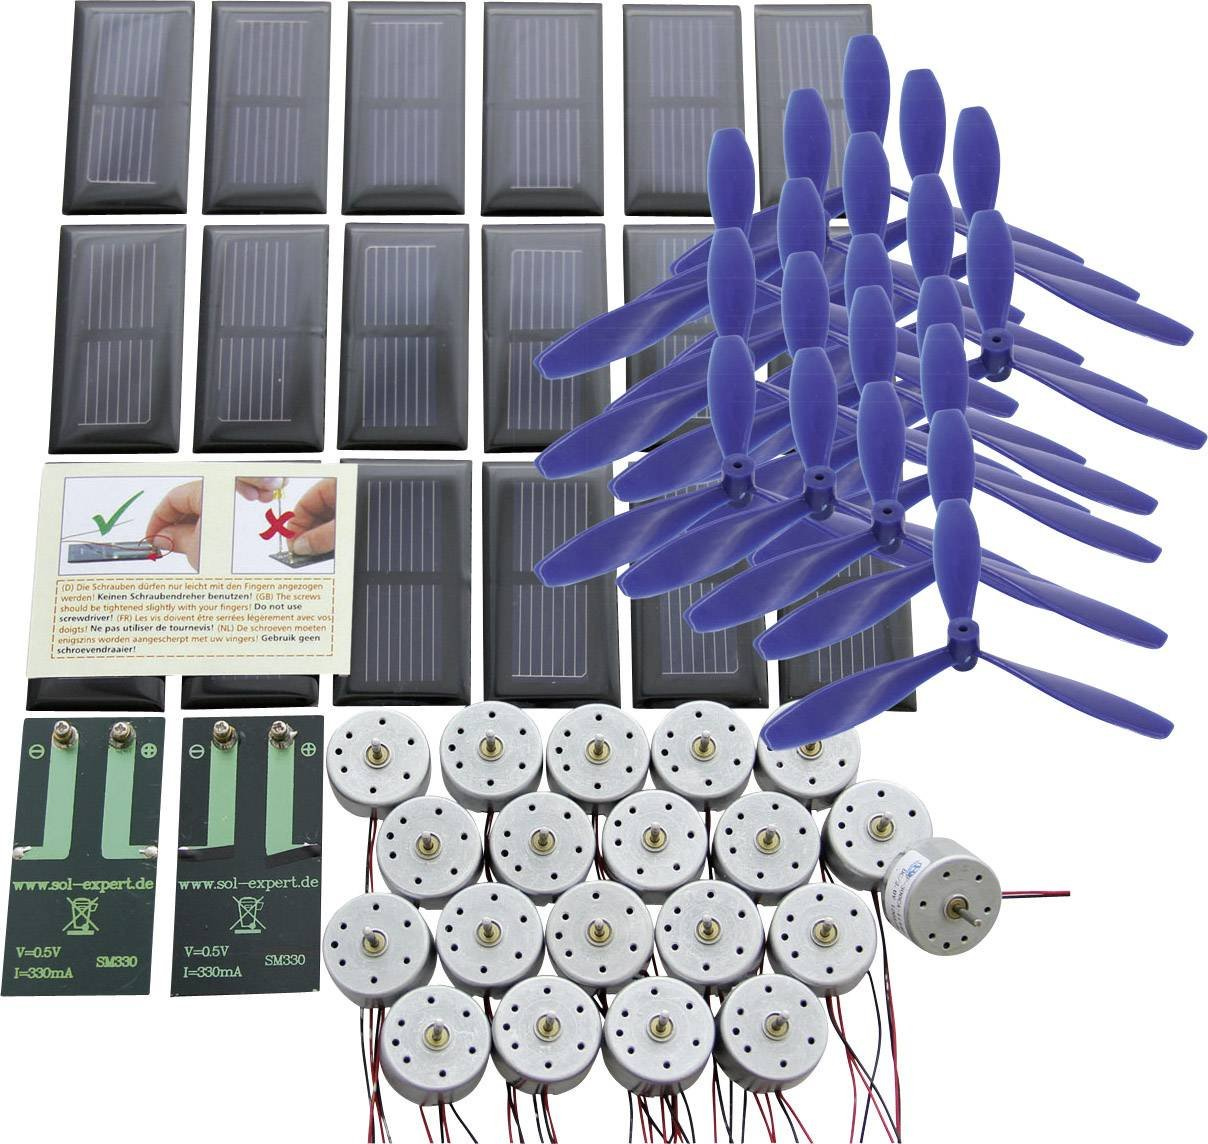 Kit solaire de base avec connexions à visser pour l'éducation Sol Expert 77774